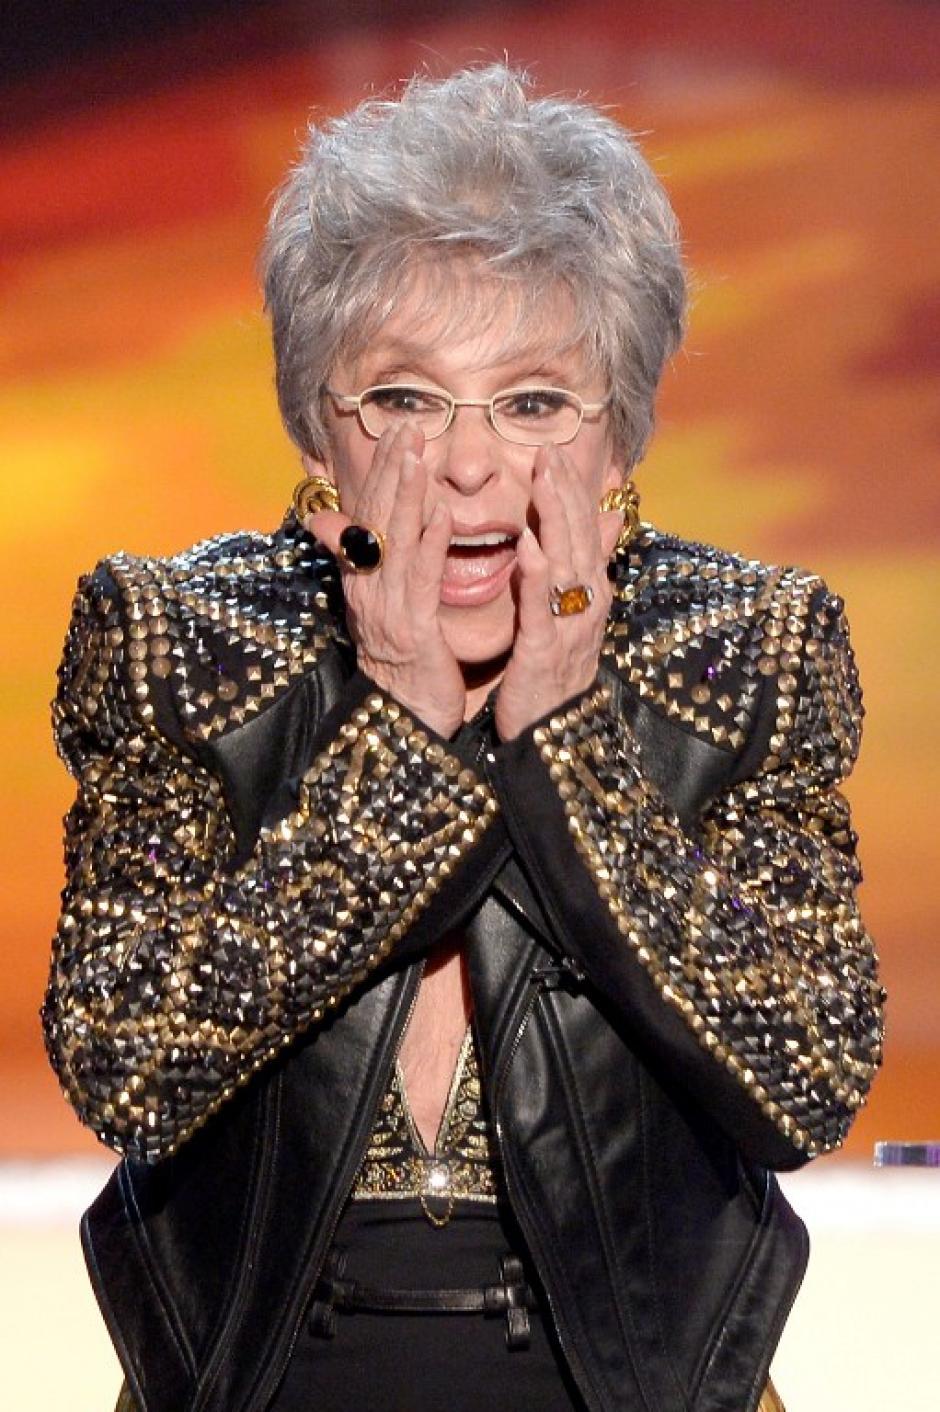 Rita Moreno fue reconocida por su trayectora a los 82 años. Tal fue su emoción que soltó una grosería frente a las cámaras. (AFP)